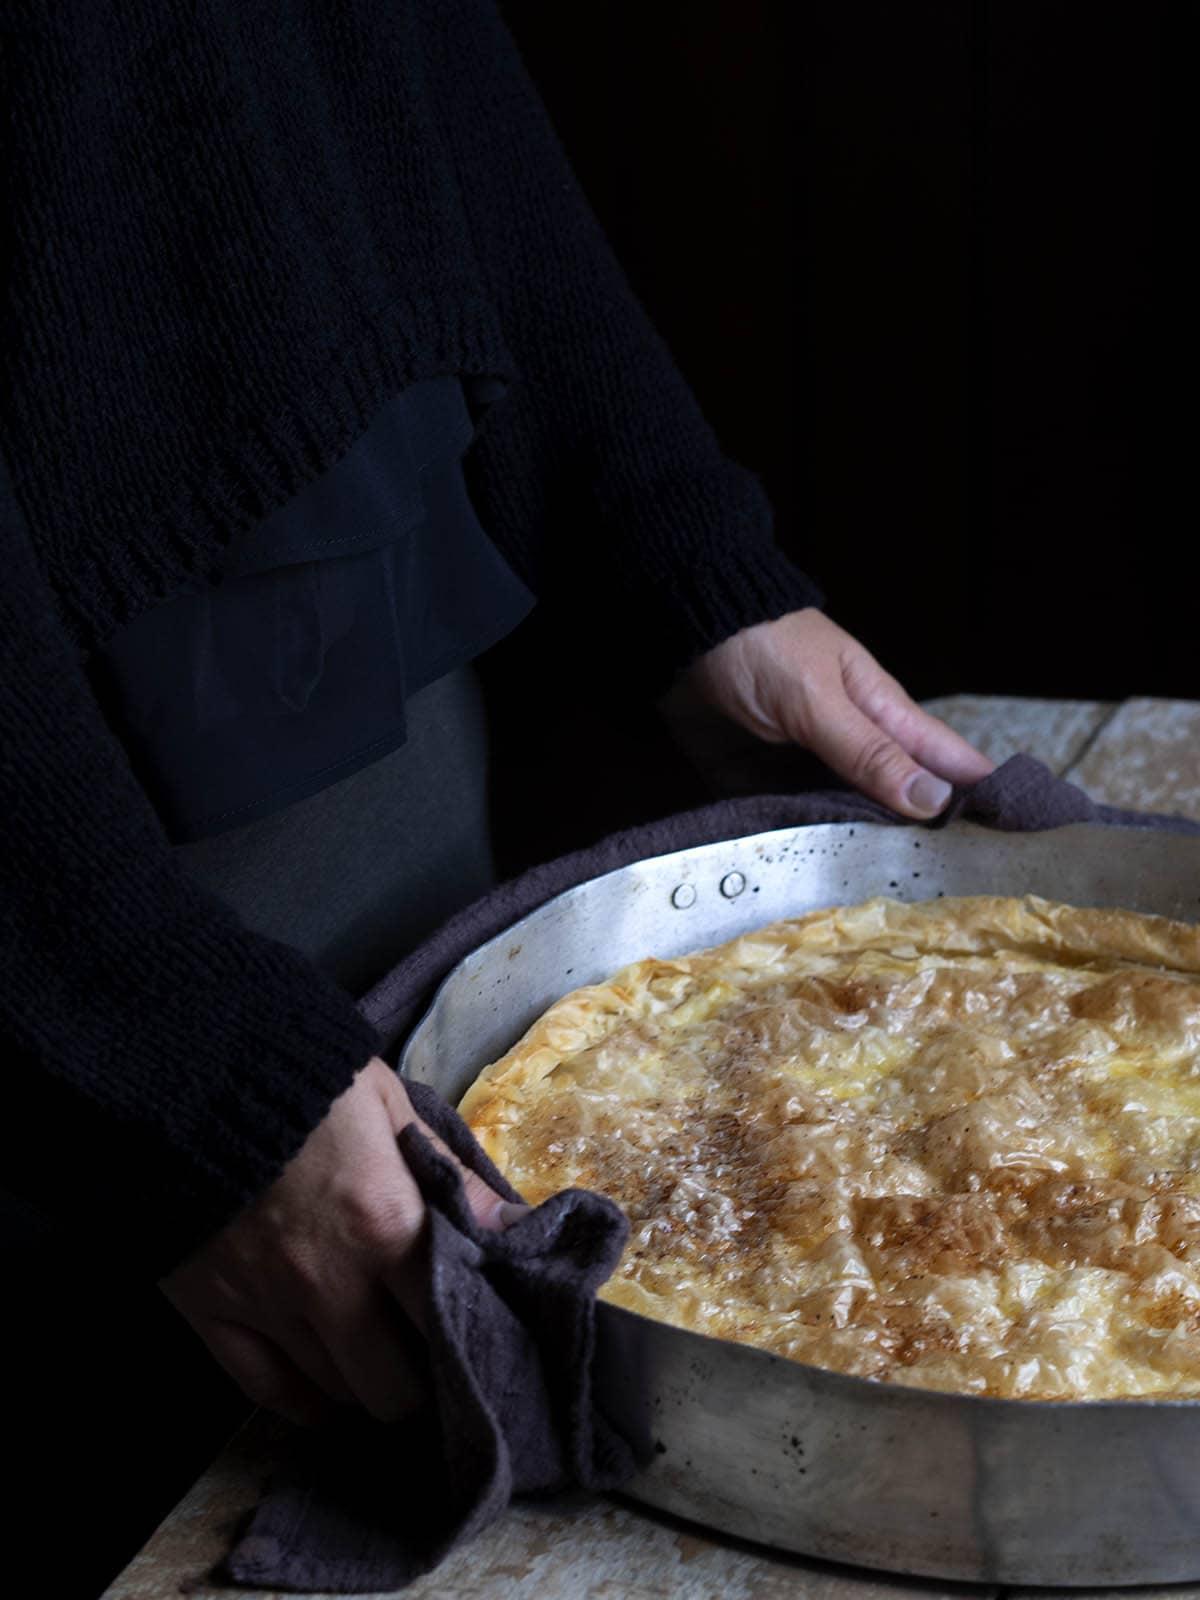 γιαννιώτικη γαλατόπιτα με φύλλο κρούστας